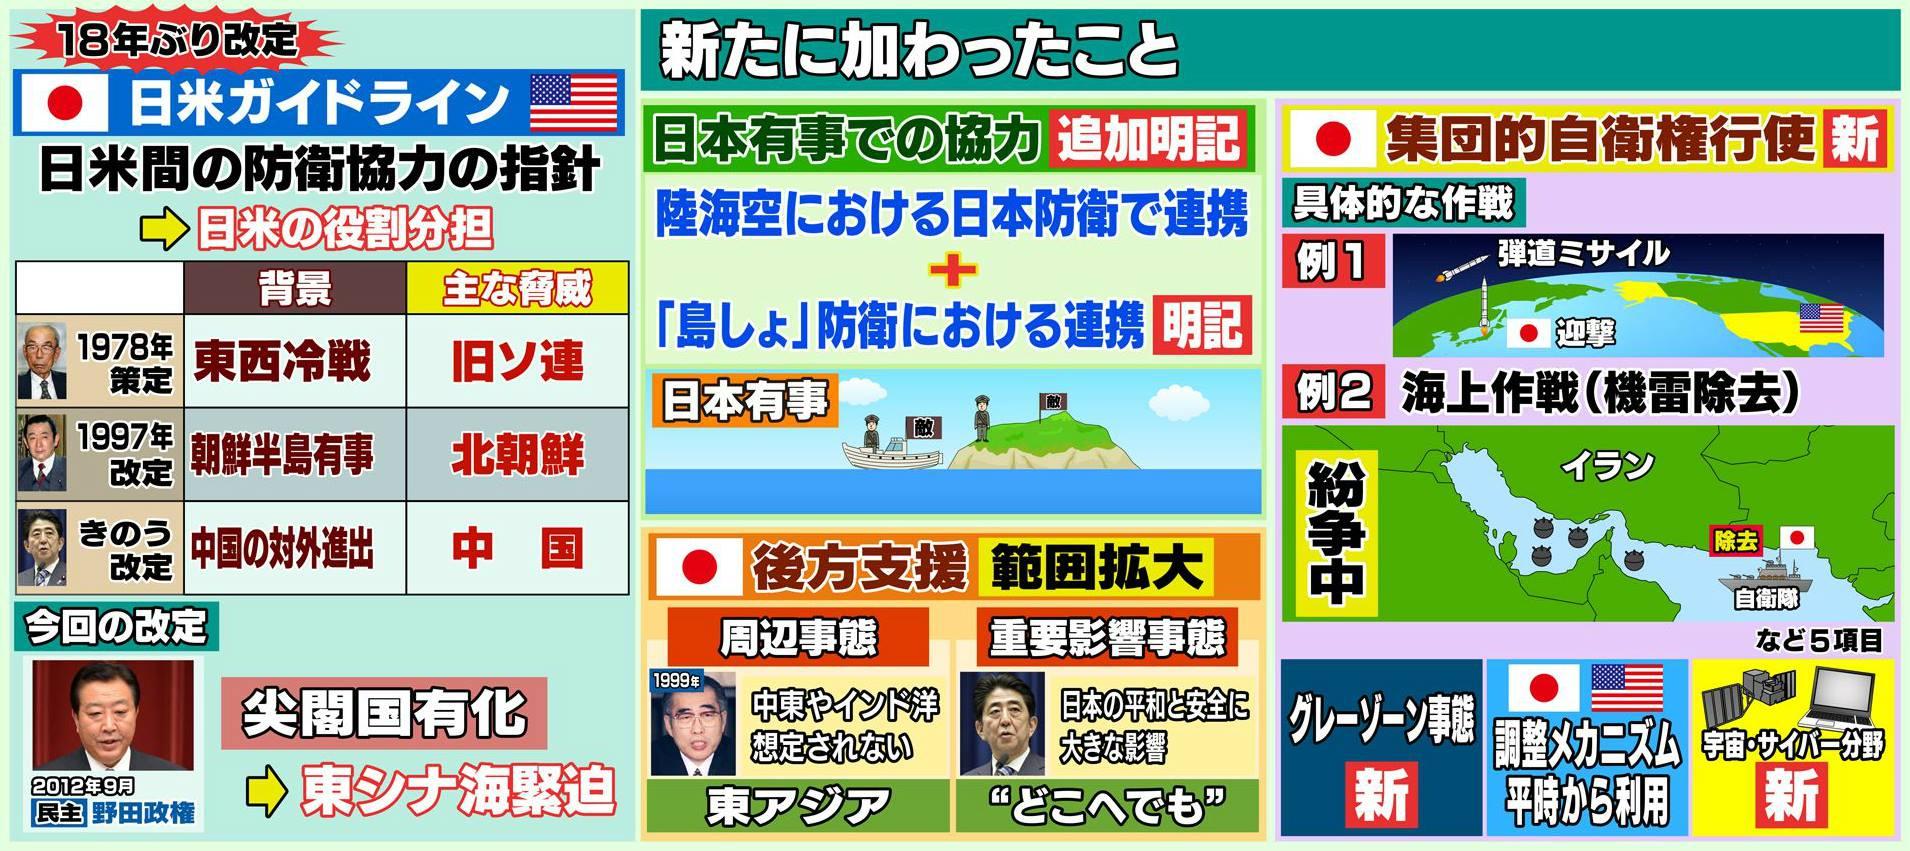 日米防衛協力のための指針 - Jap...